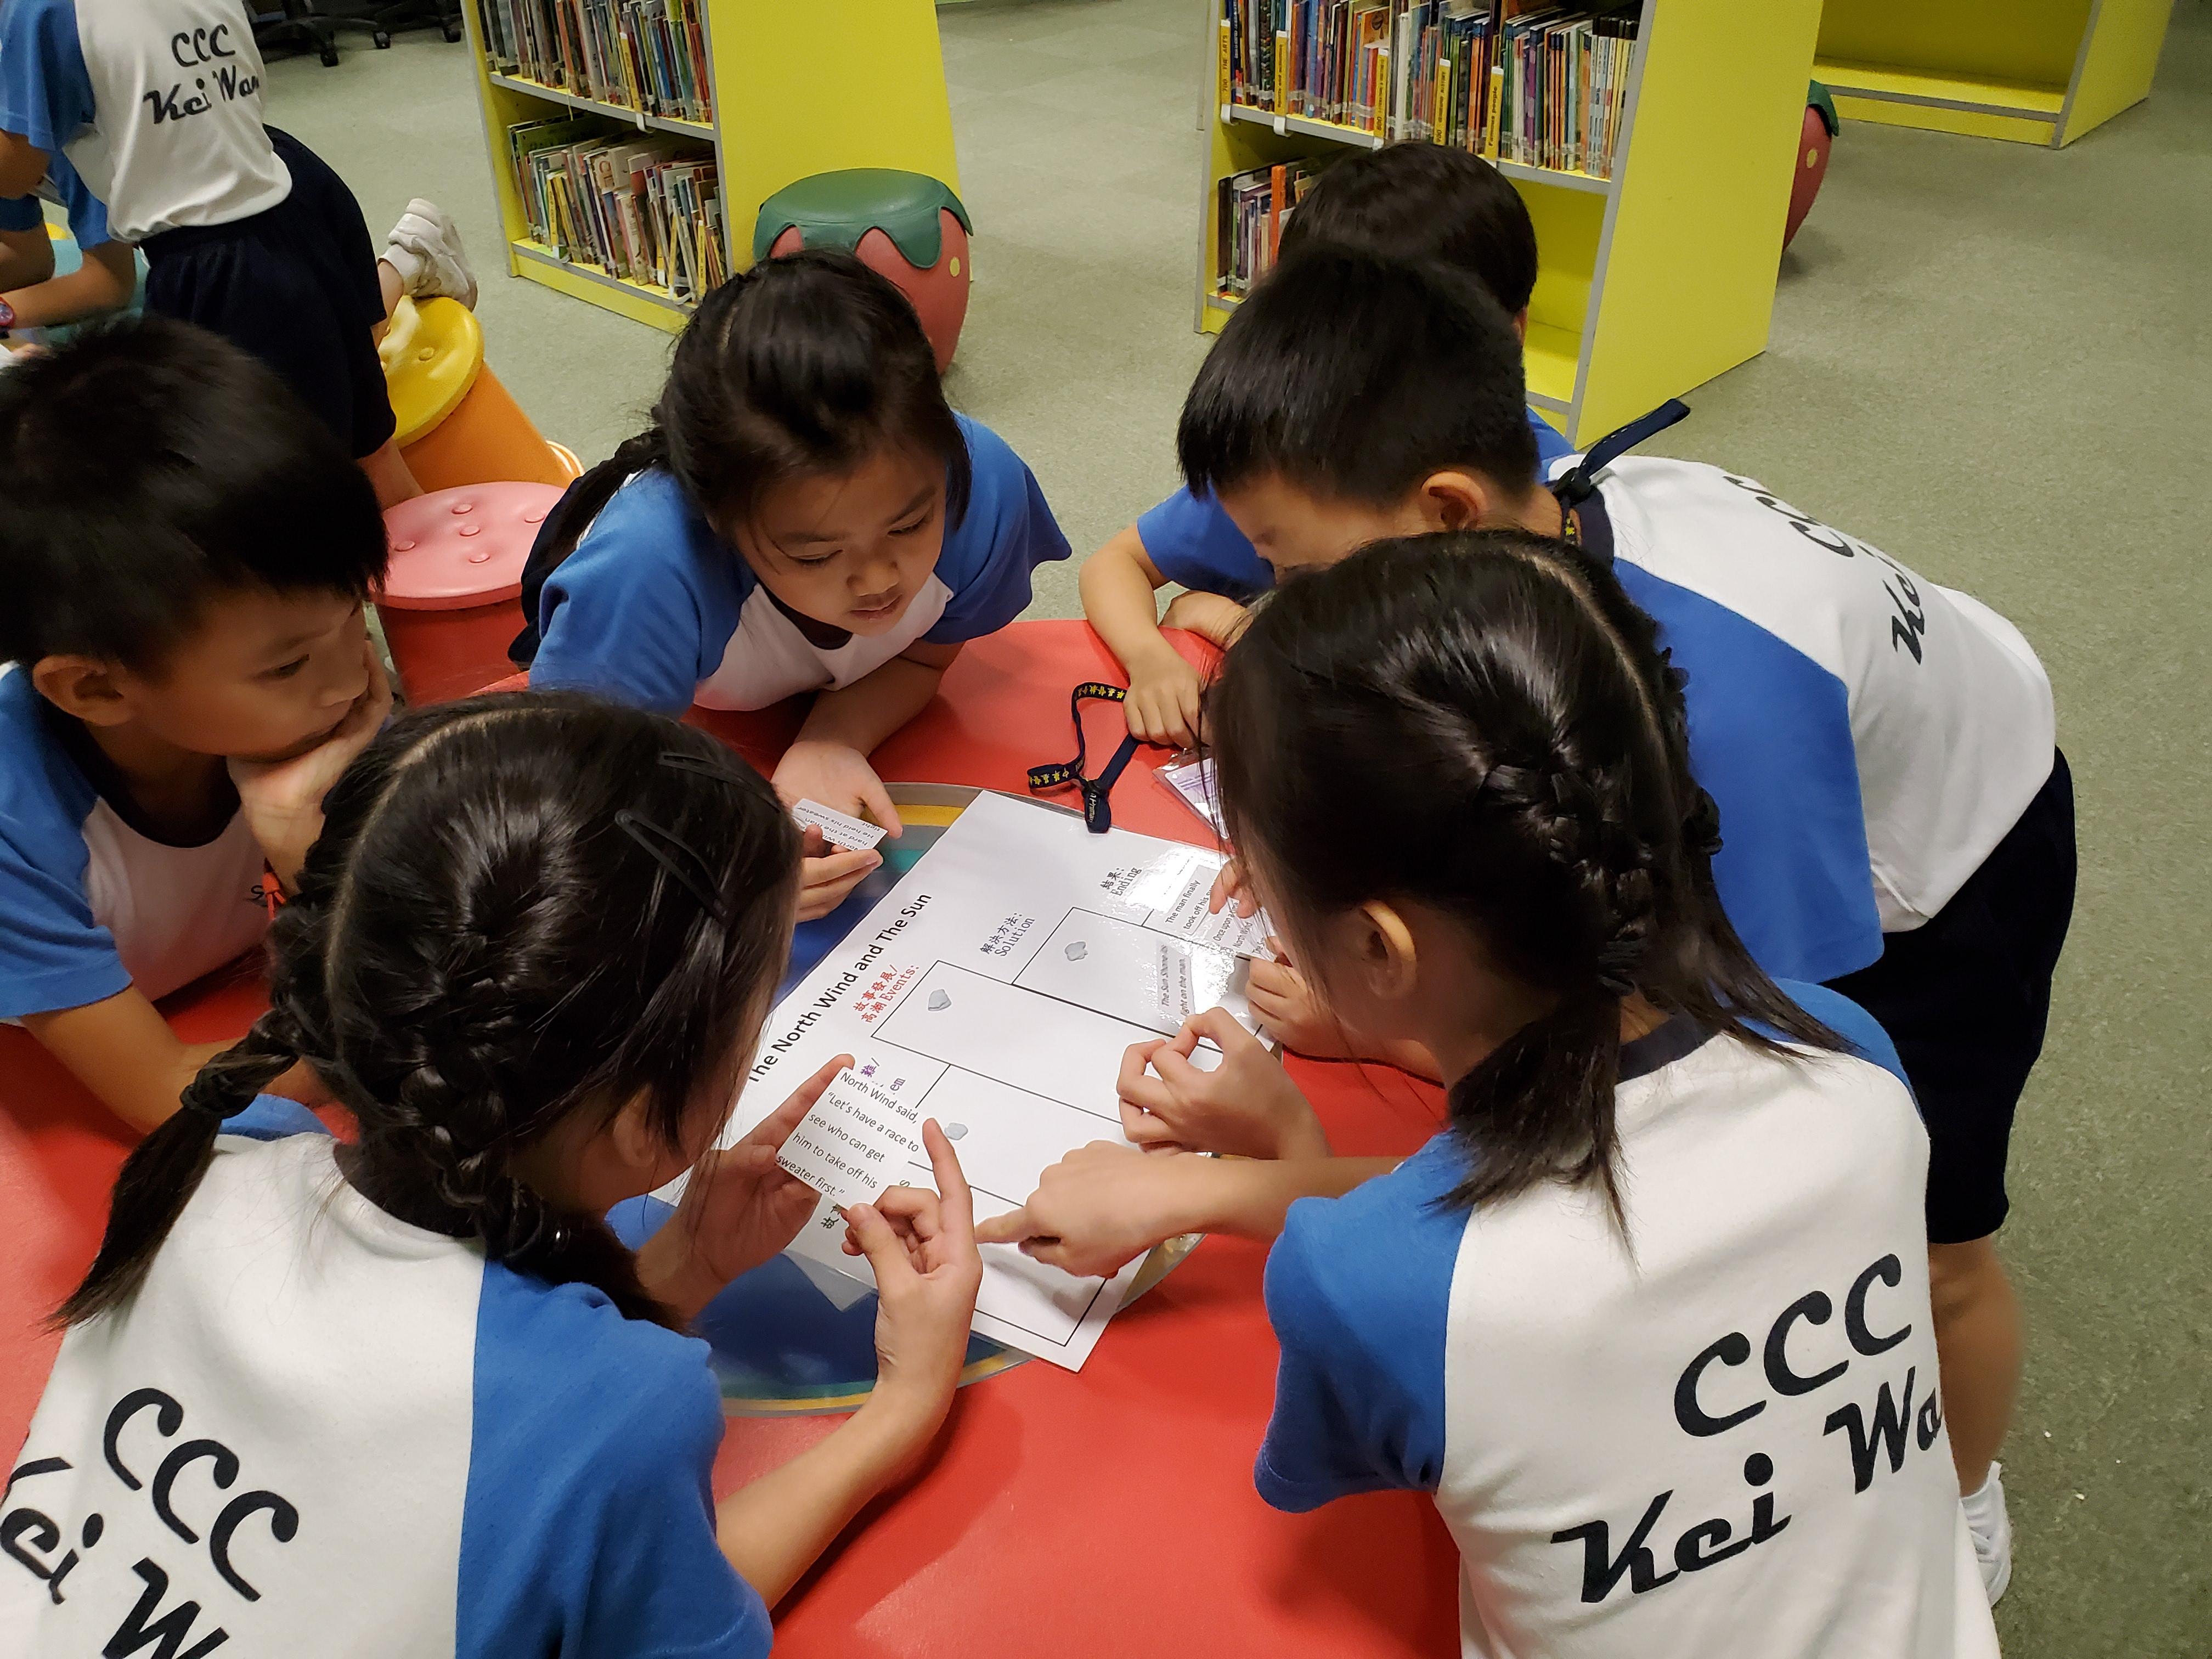 http://www.keiwan.edu.hk/sites/default/files/20191004_115217.jpg